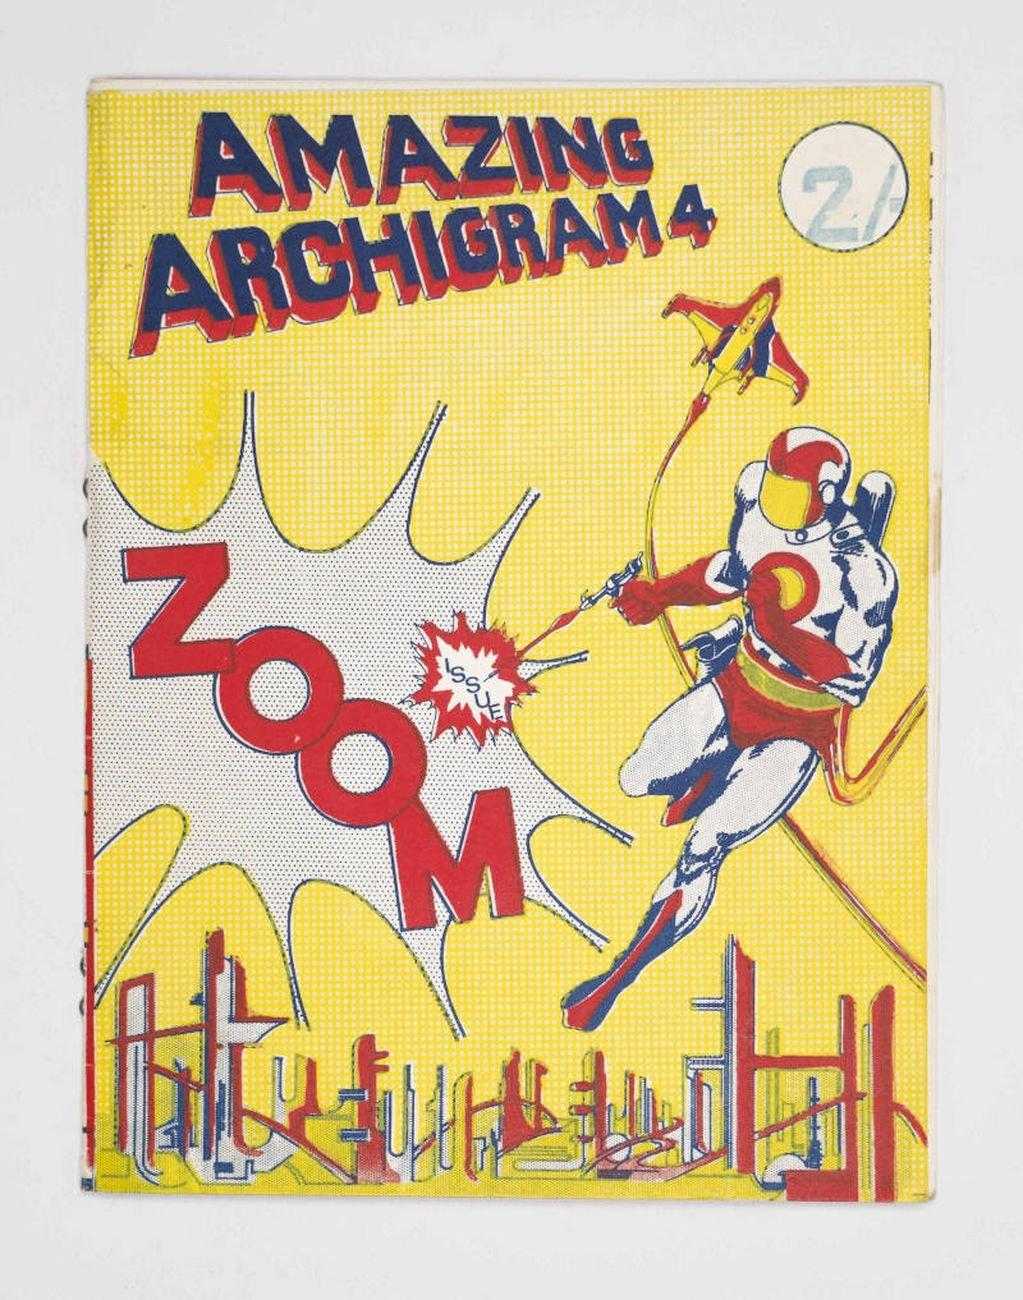 Archigram, 1964, numero 4 della rivista diretta da Peter Cook a Londra, testo a stampa, 22x17 cm. Milano, Collezione Italo Rota